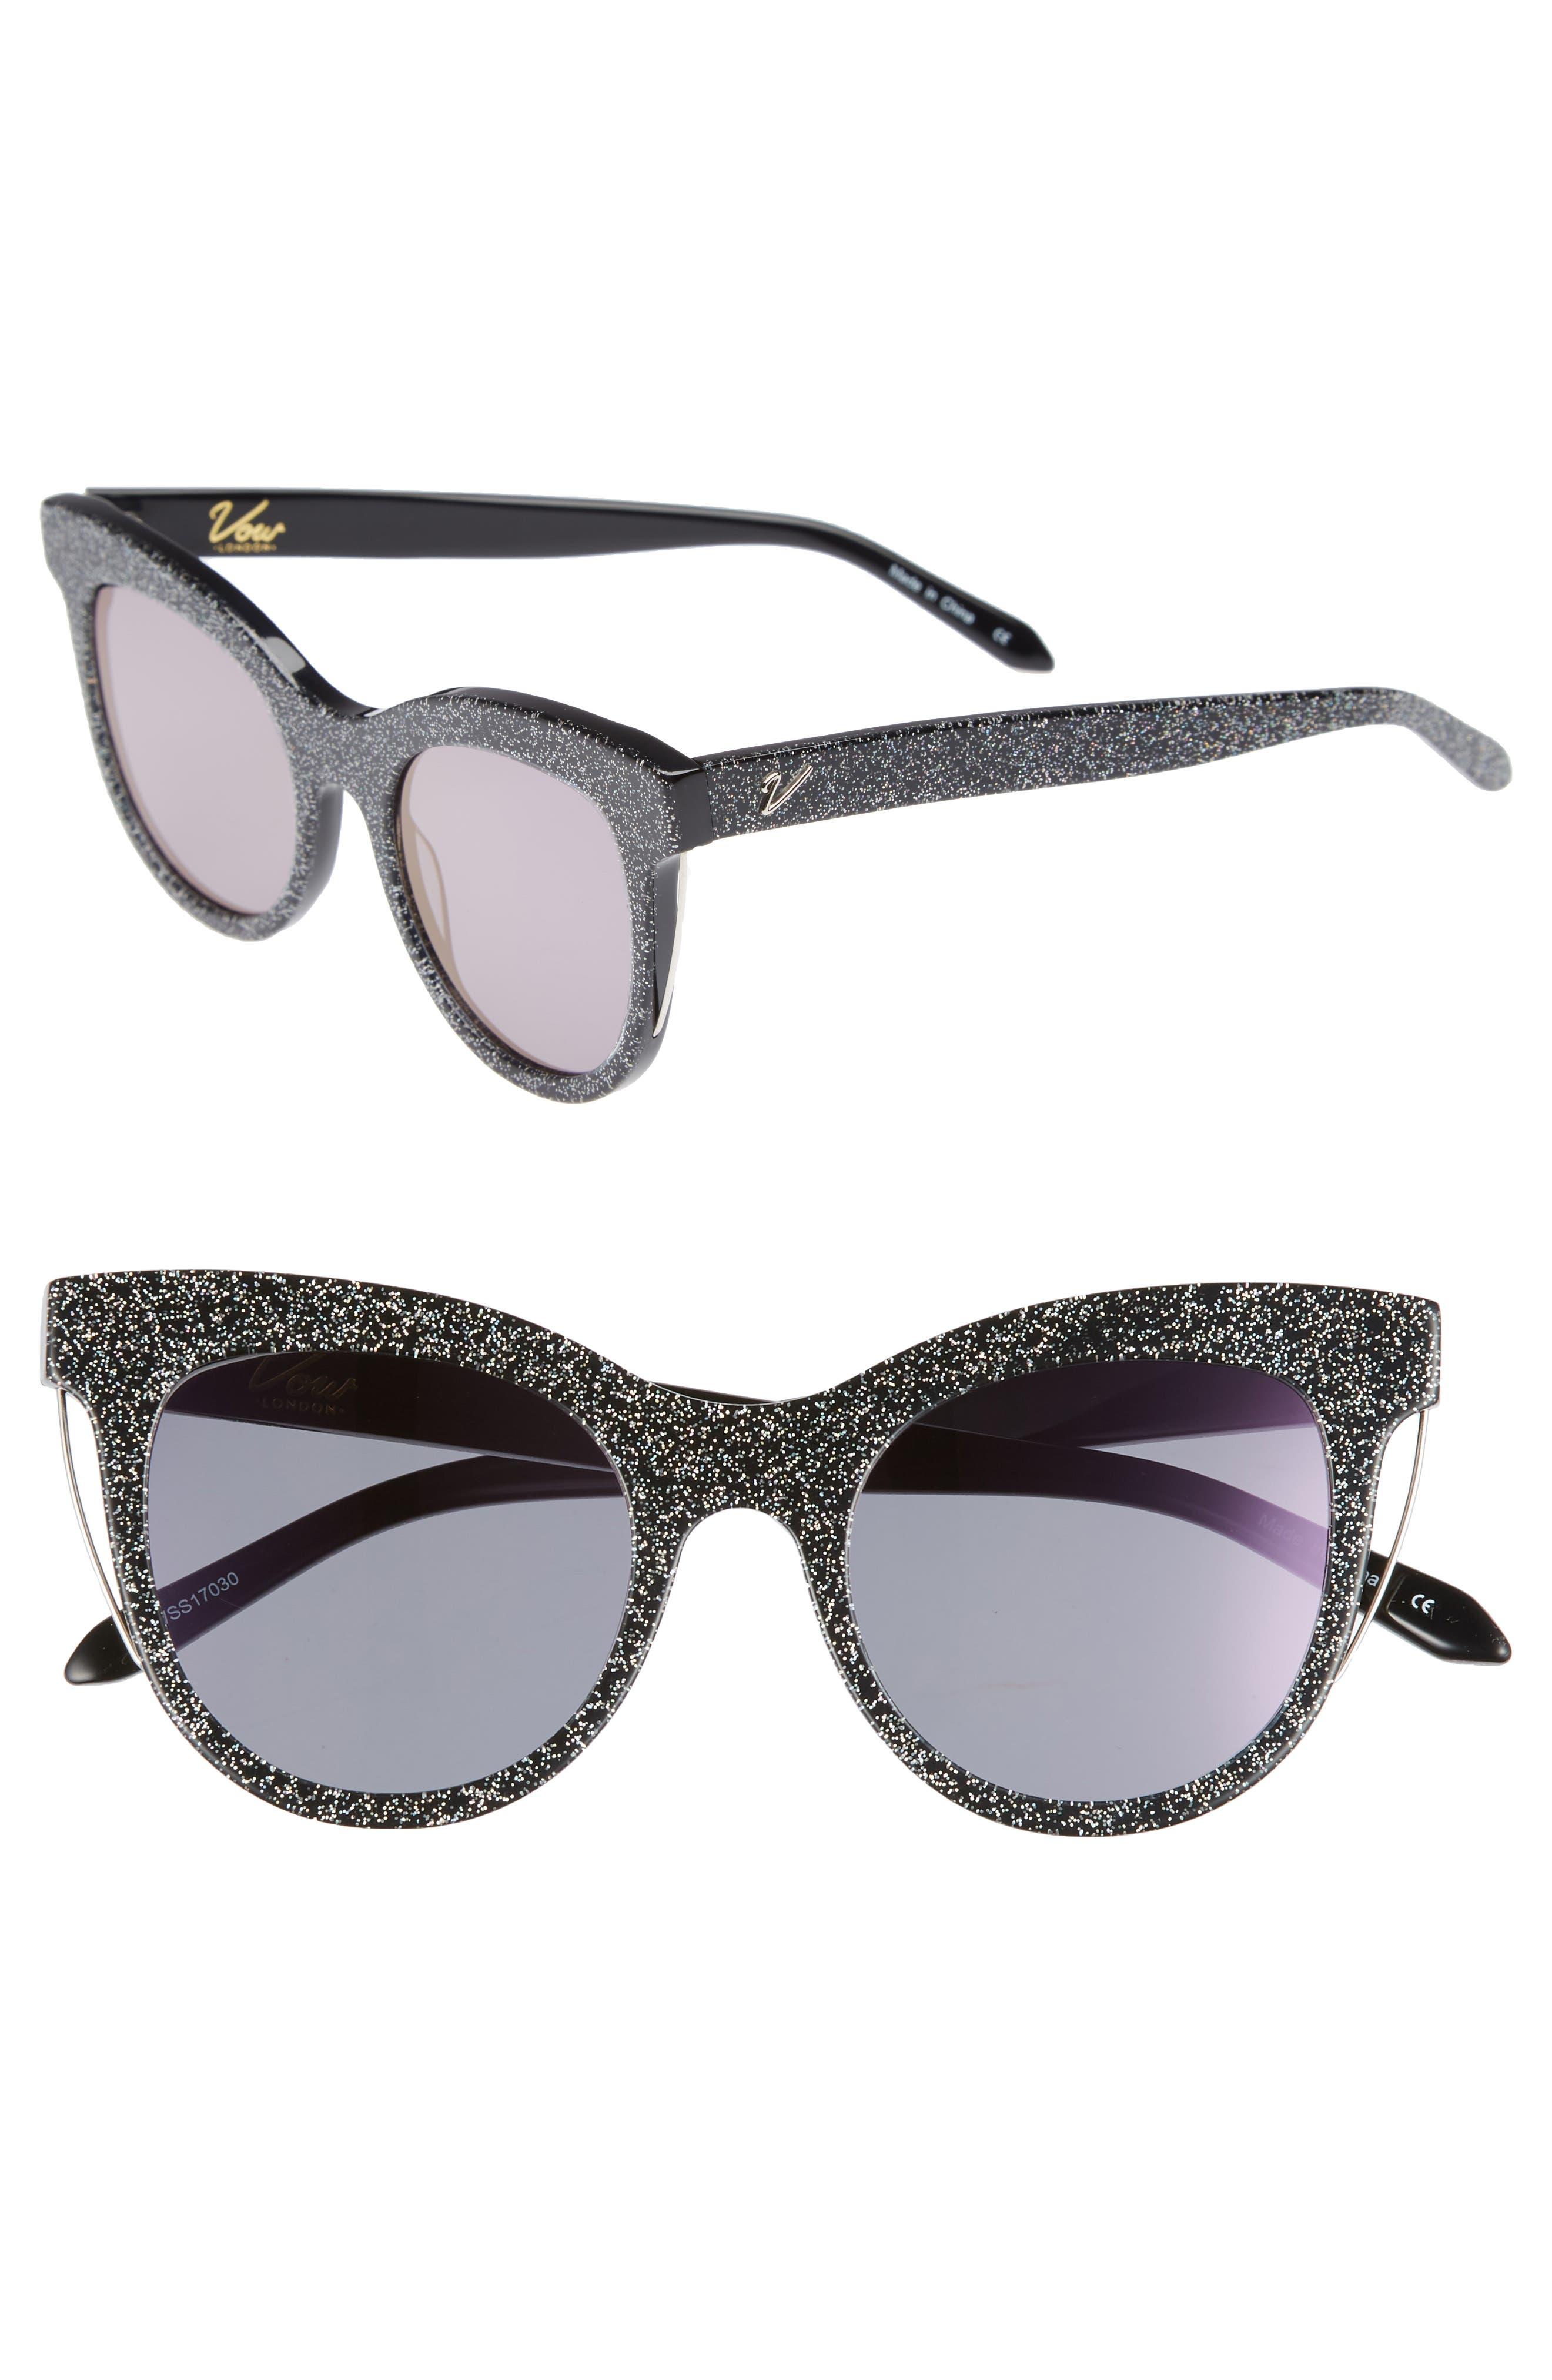 Sloane 52mm Cat Eye Sunglasses,                             Main thumbnail 1, color,                             Multi Glitter/ Purple Flash